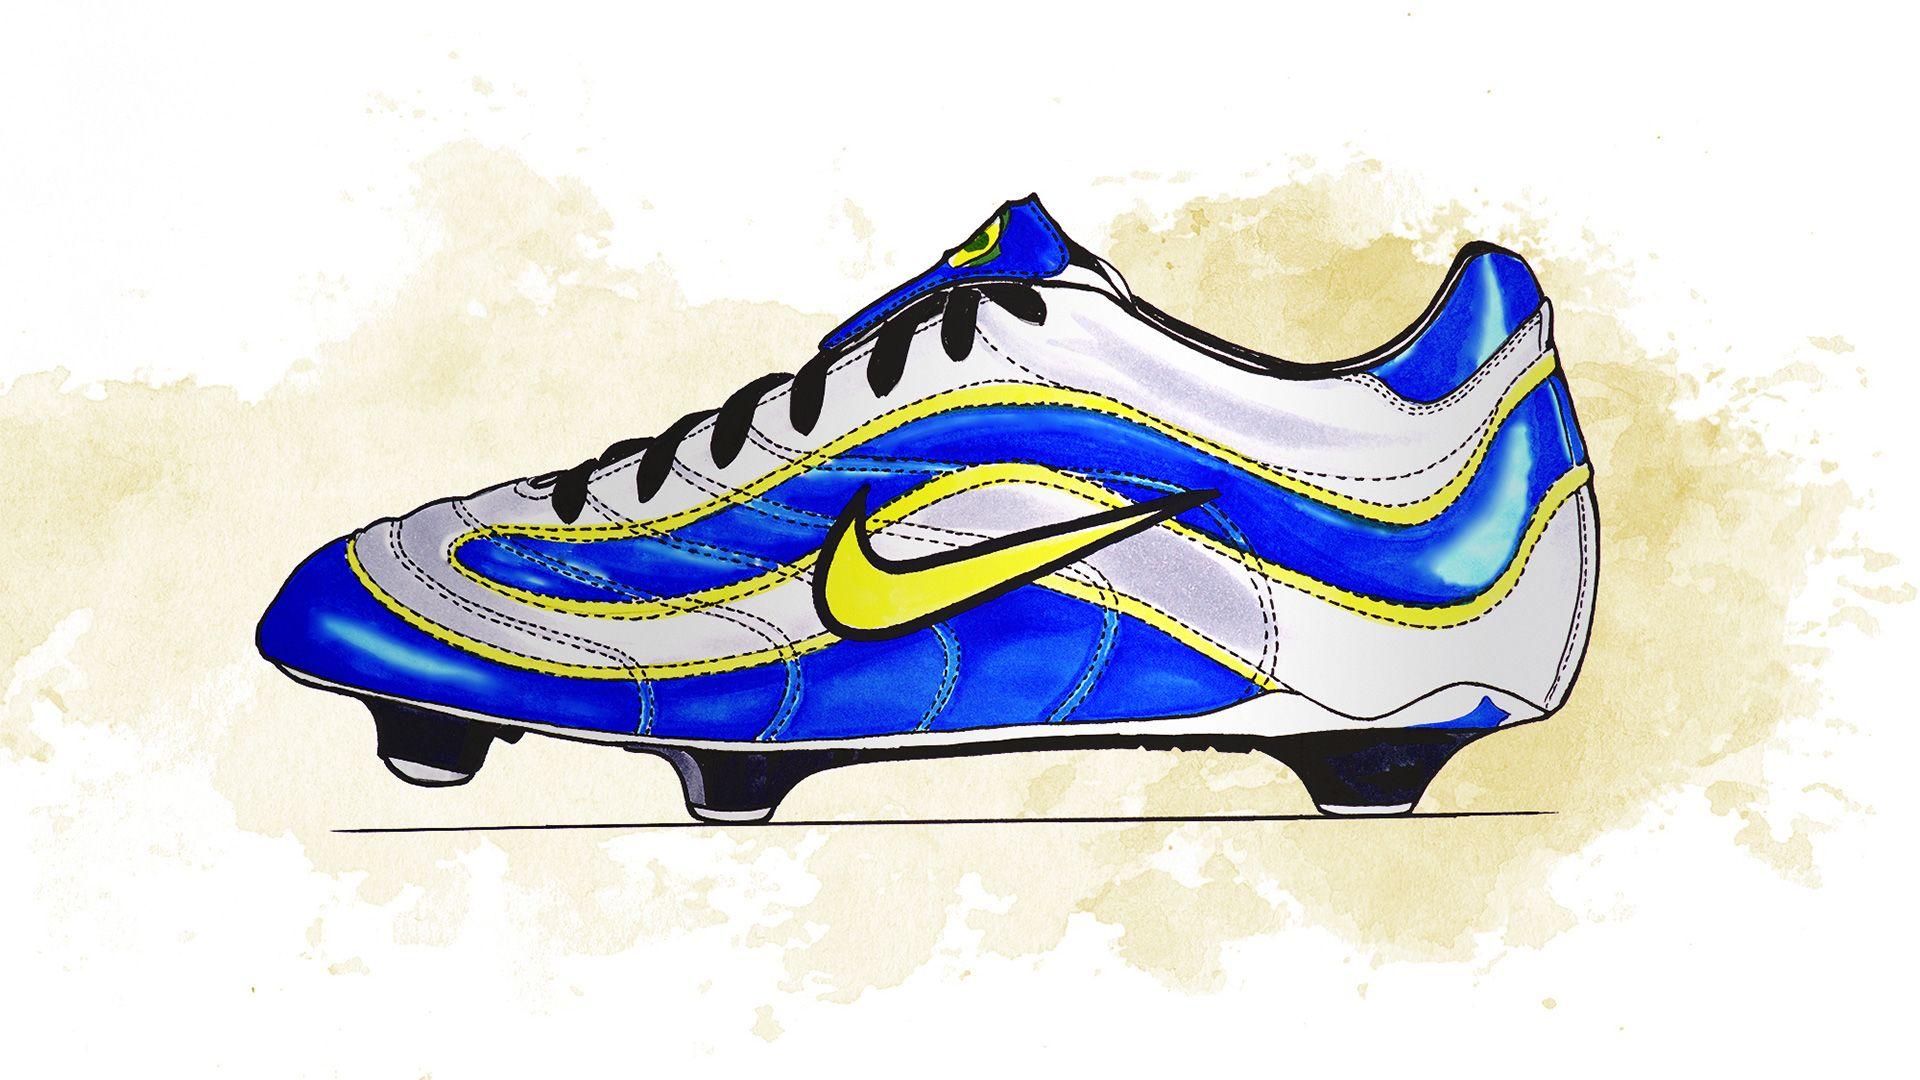 Đôi giày này được dành riêng cho Ronaldo với tên gọi Mercurial R9